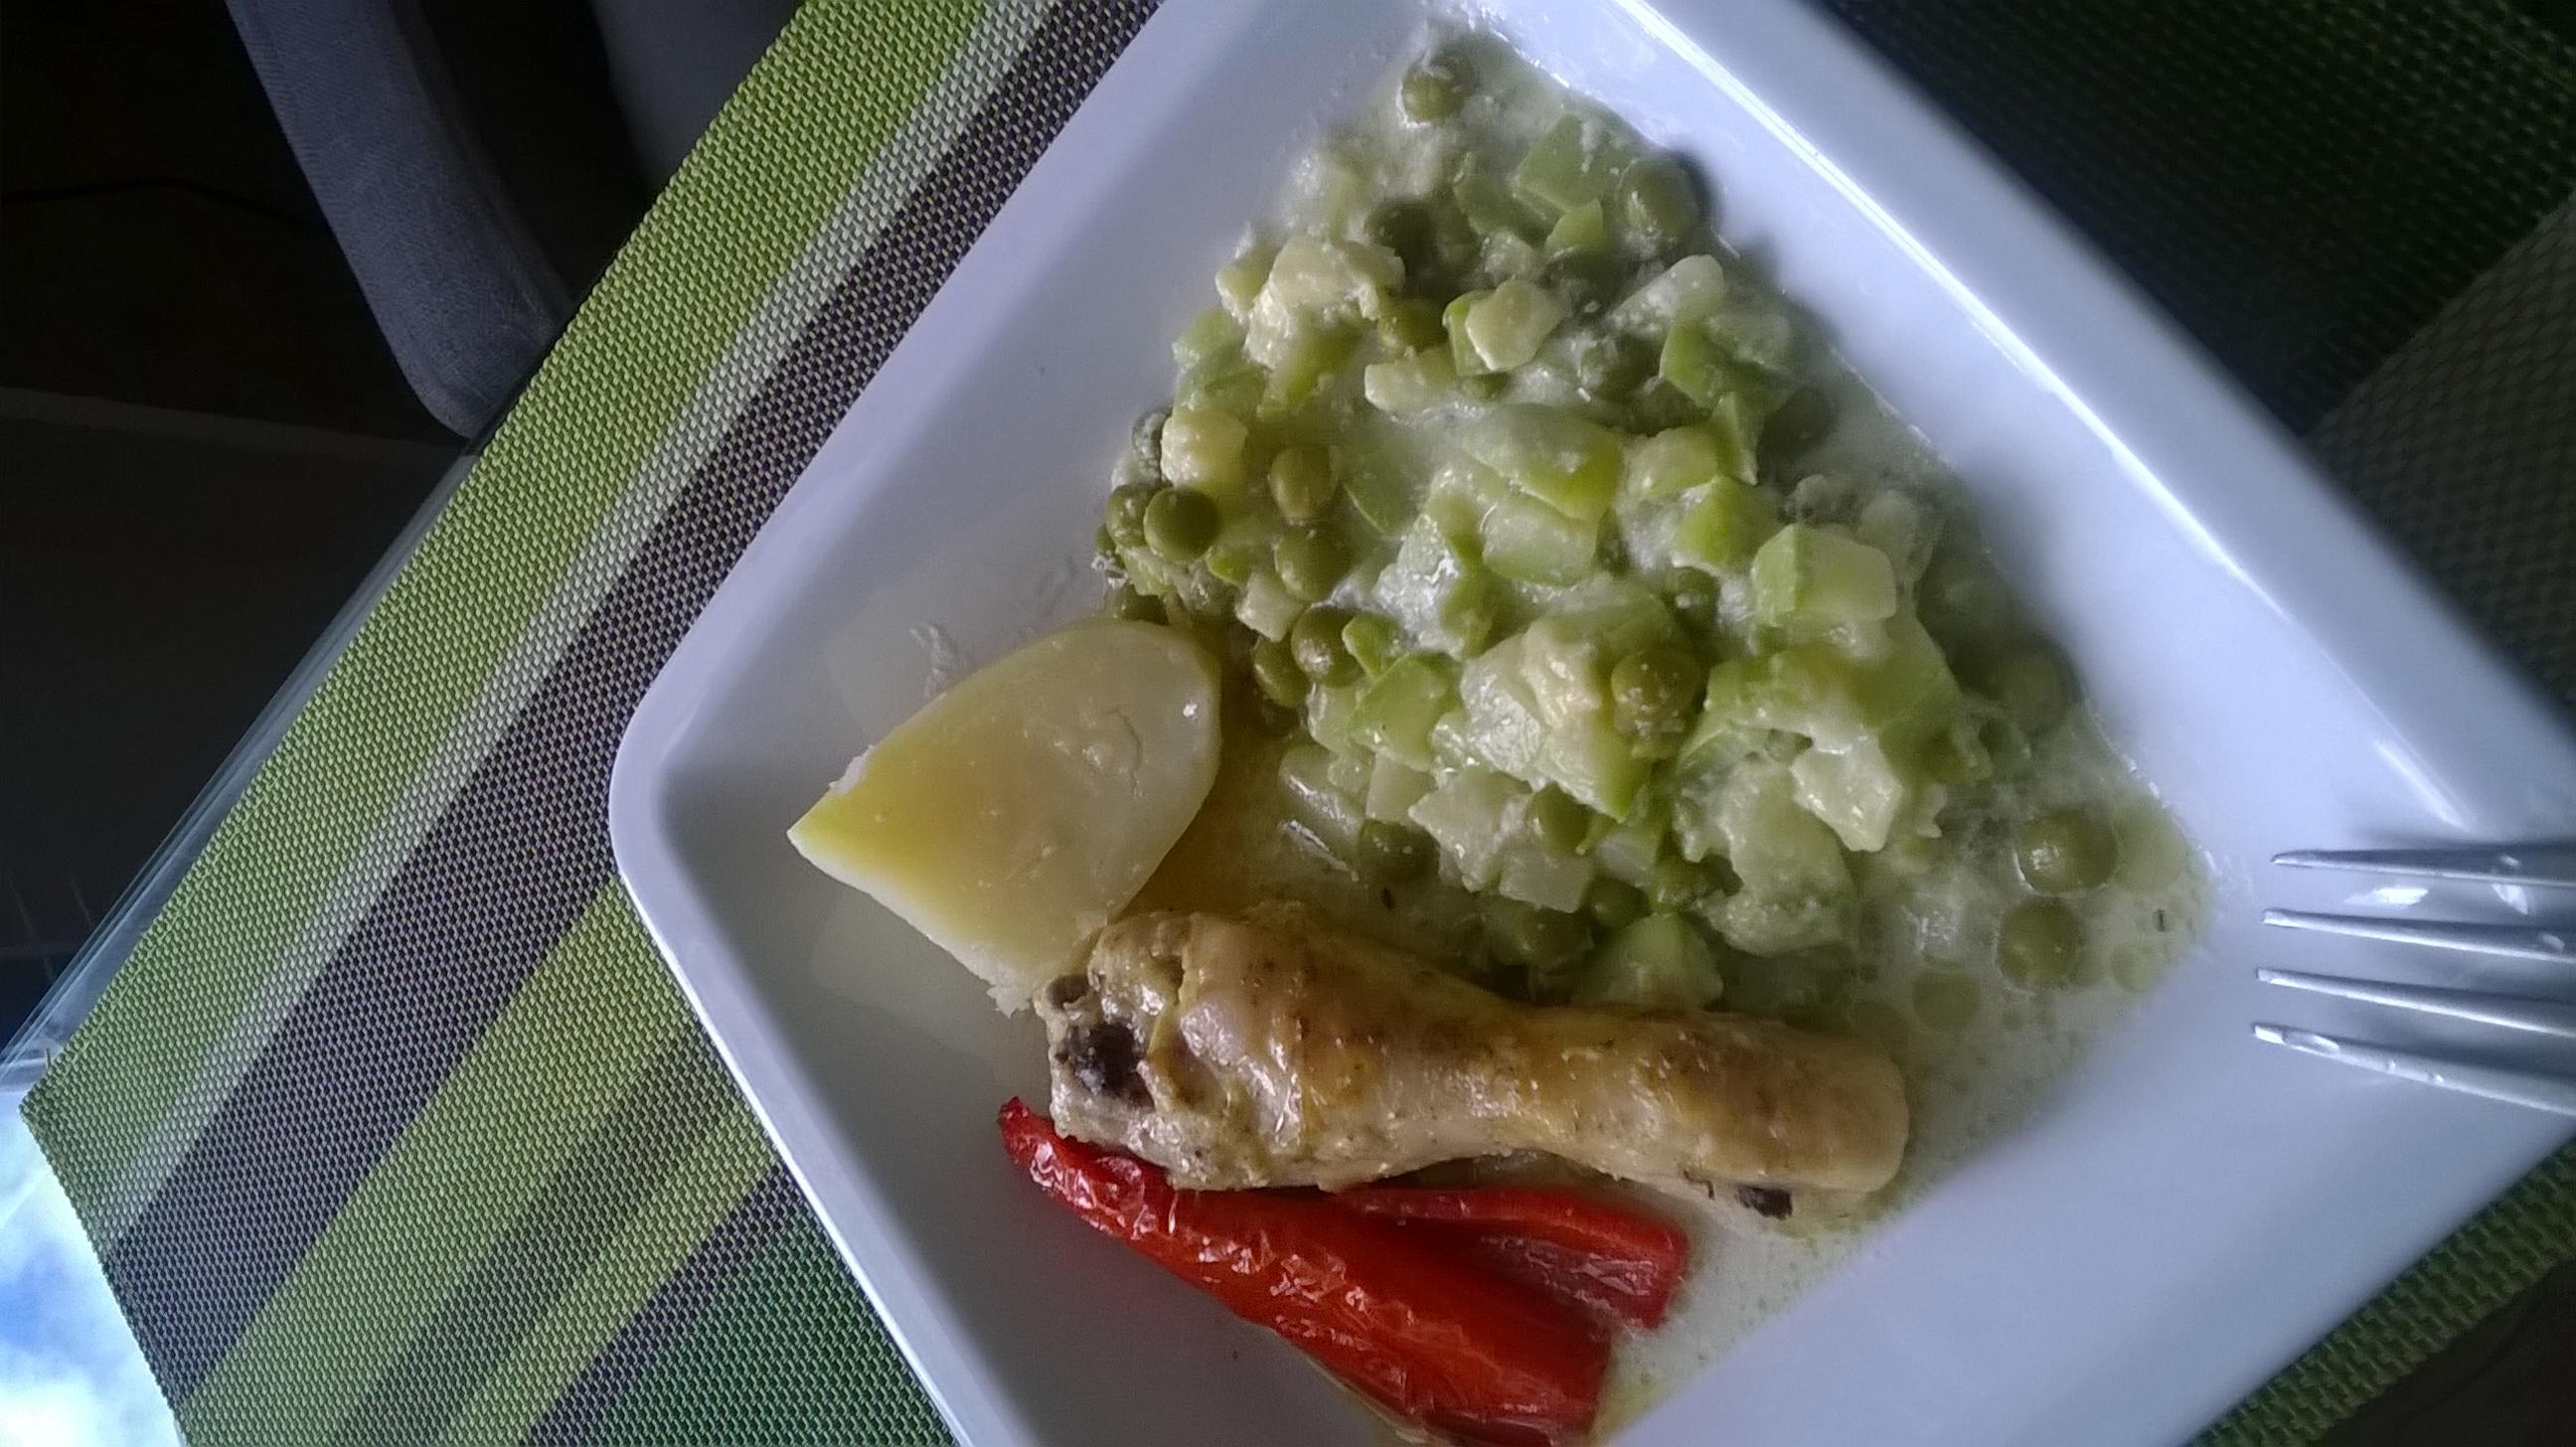 скатерть-самобранка рецепт салата из зеленого яблока,соленой рыбы,зеленого горошка